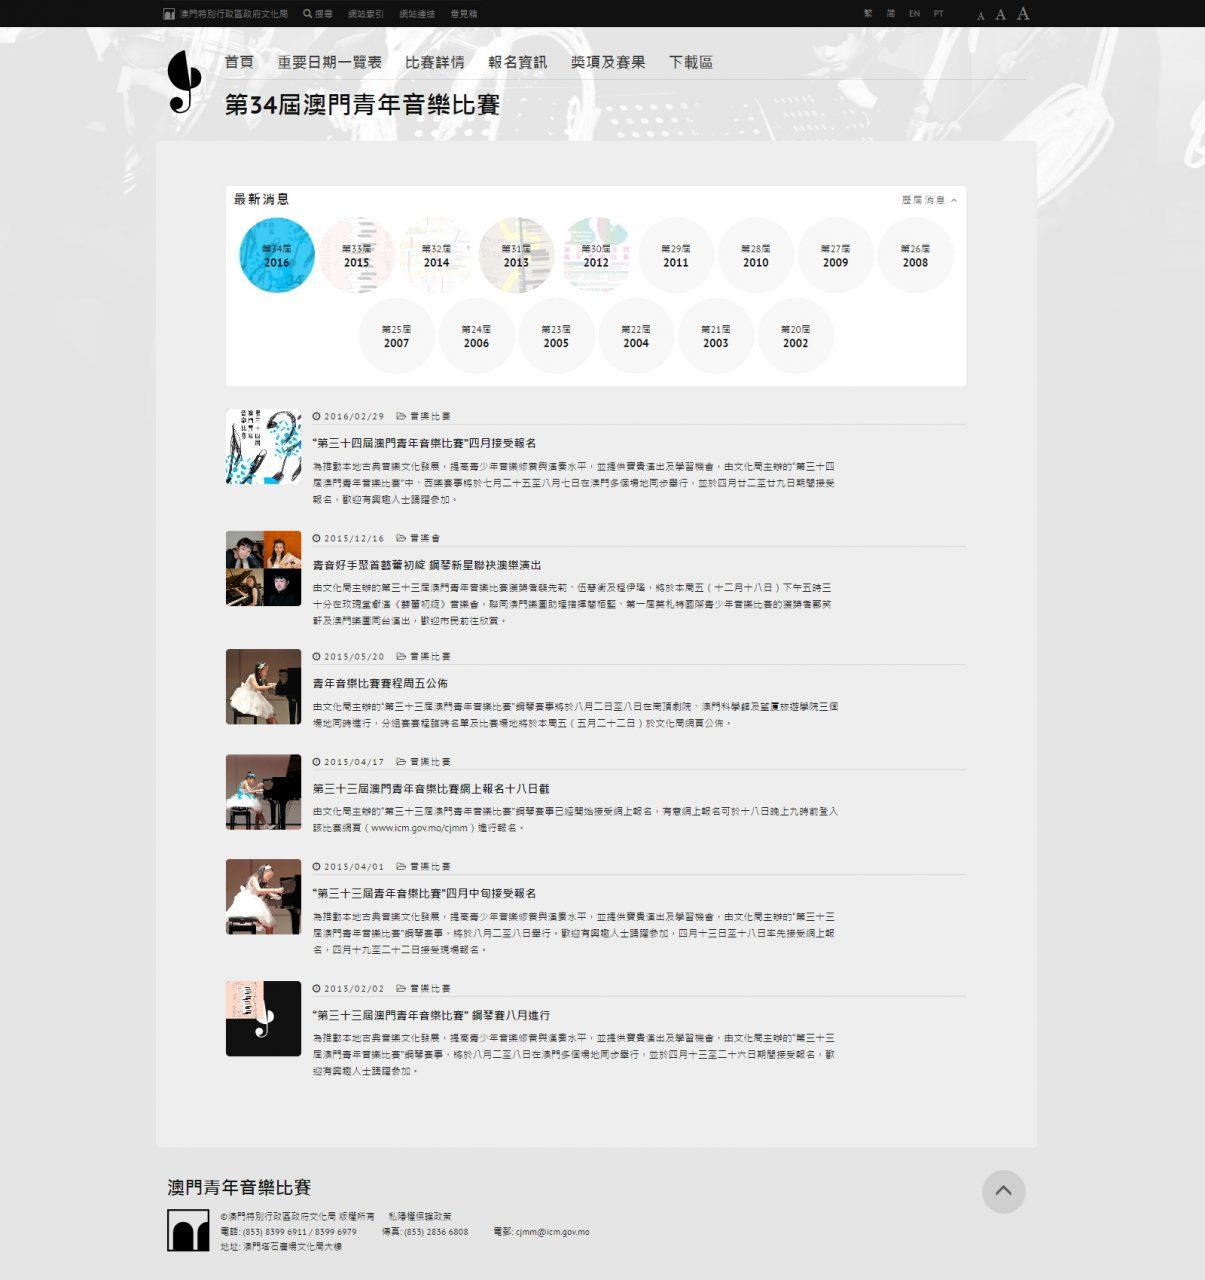 02_CJMM_34th_news